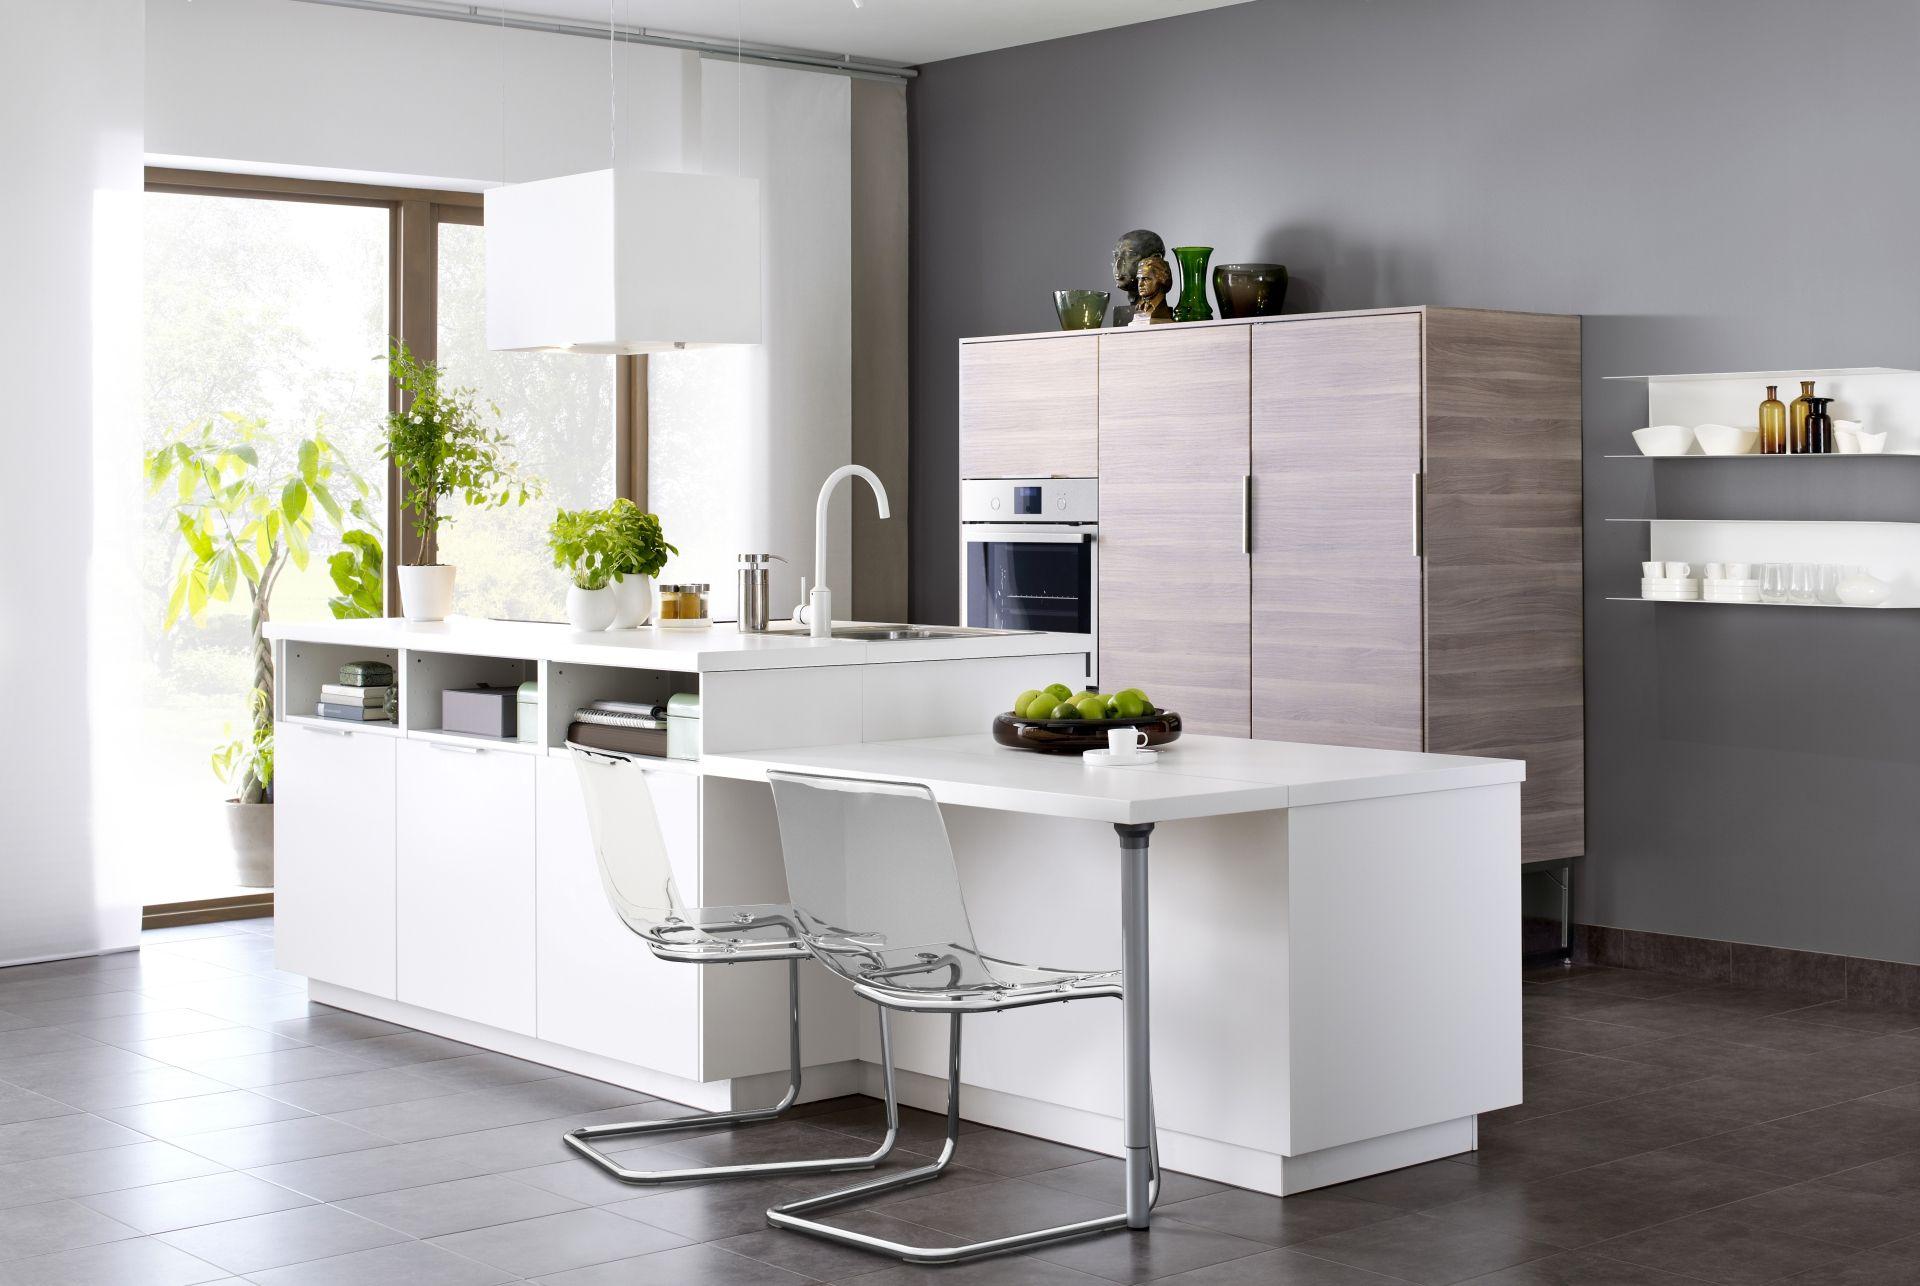 Uptown Witte Keuken : Metod keuken met een modern kookeiland #ikea #ikeanl #keukens